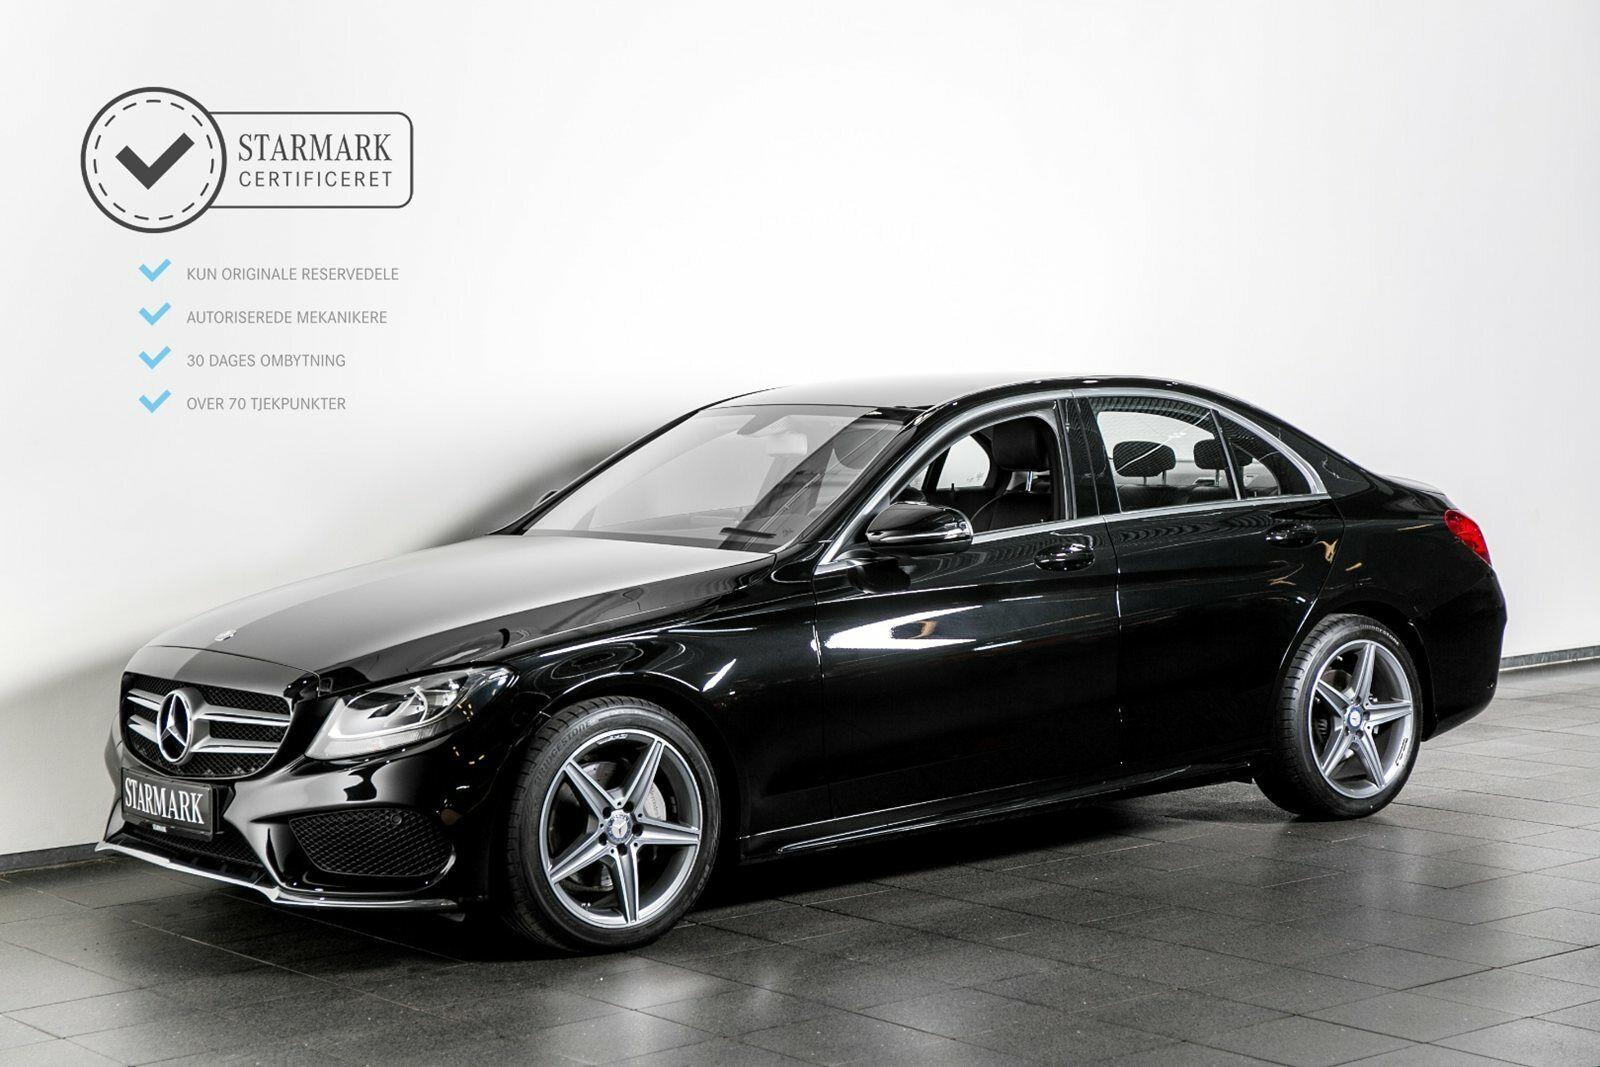 Mercedes C200 2,0 AMG Line aut. 4d - 399.900 kr.